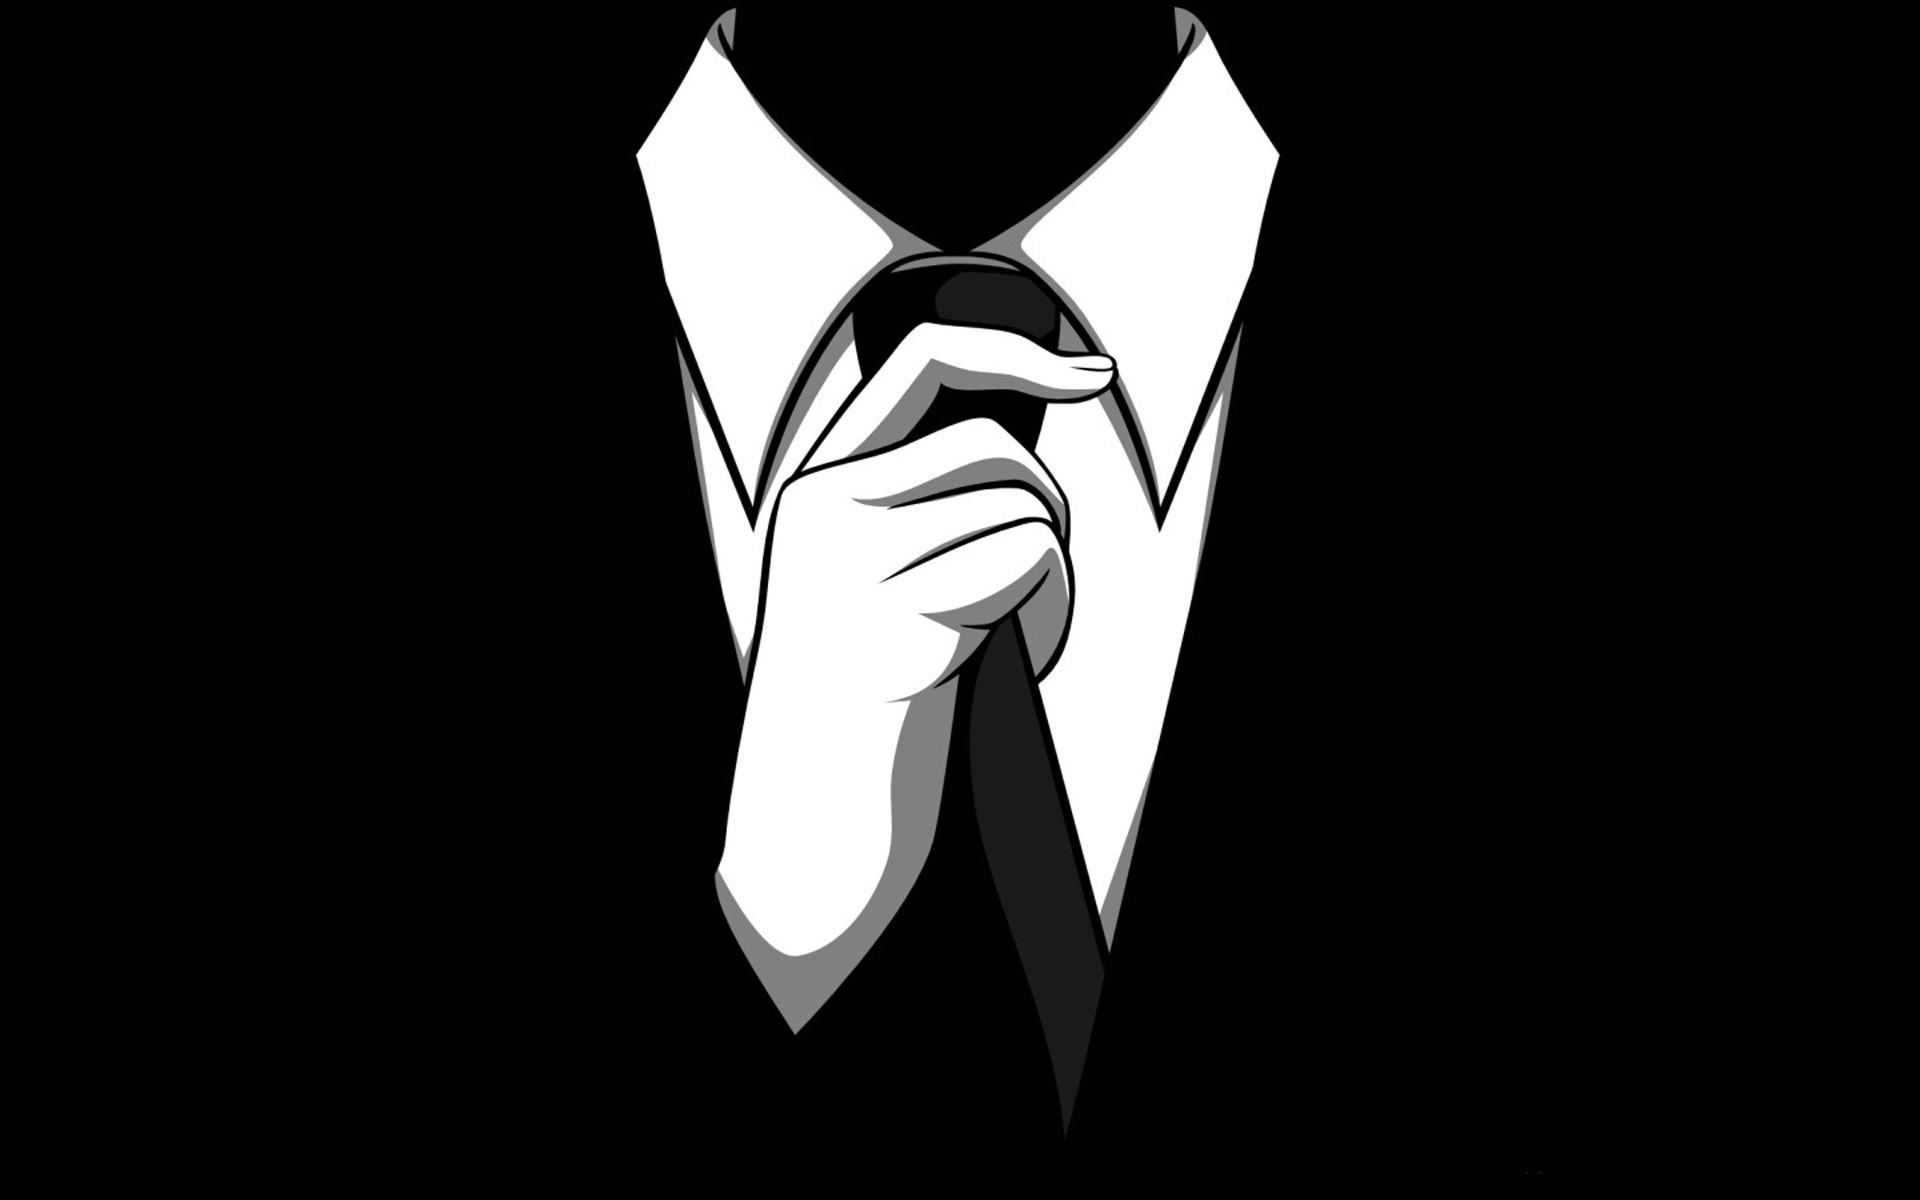 галстук, рубашка, воротник